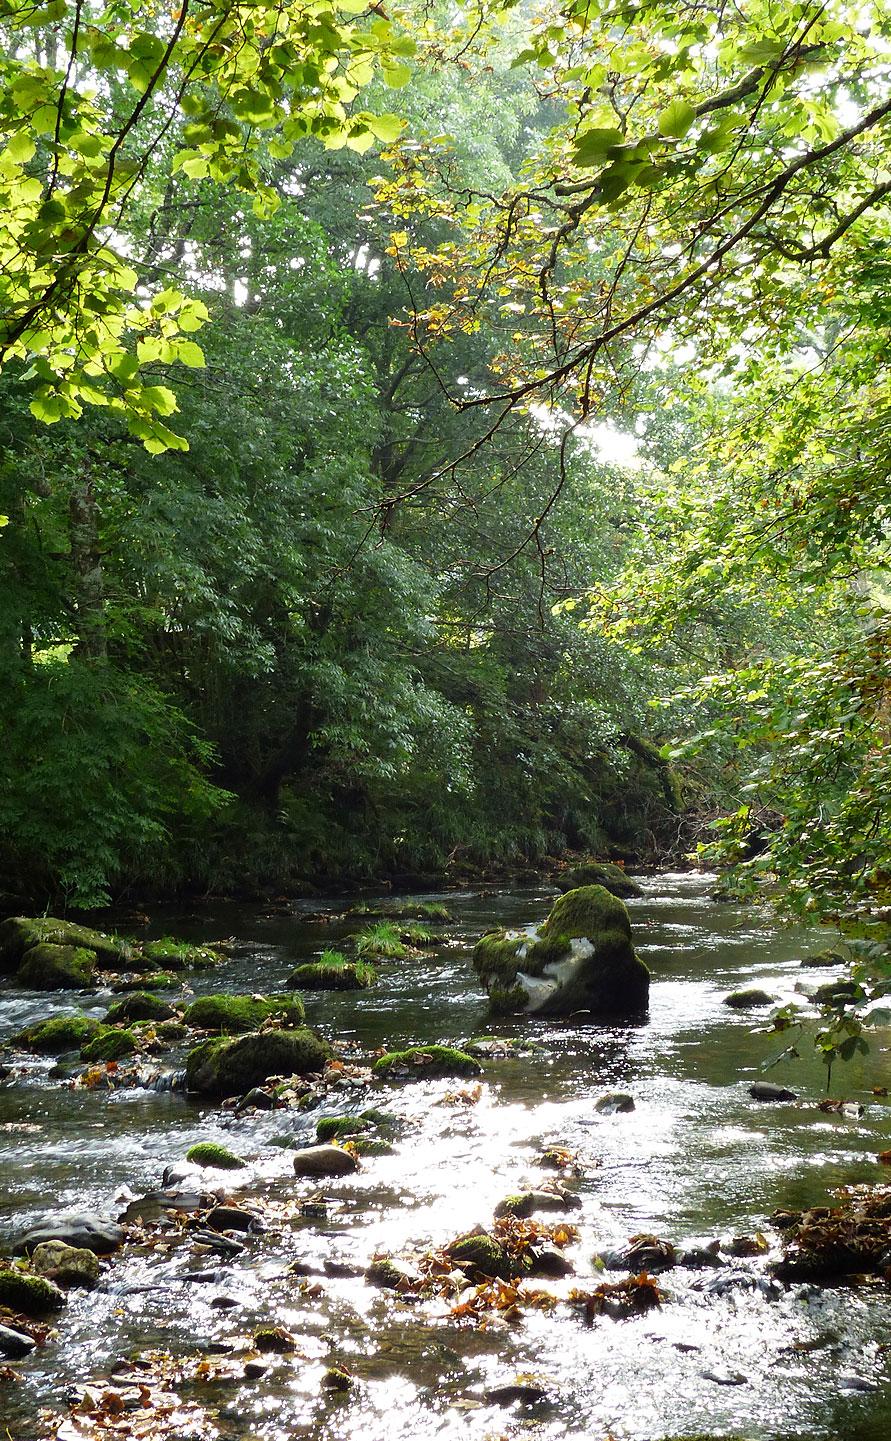 Day_01_photos_river_12.jpg